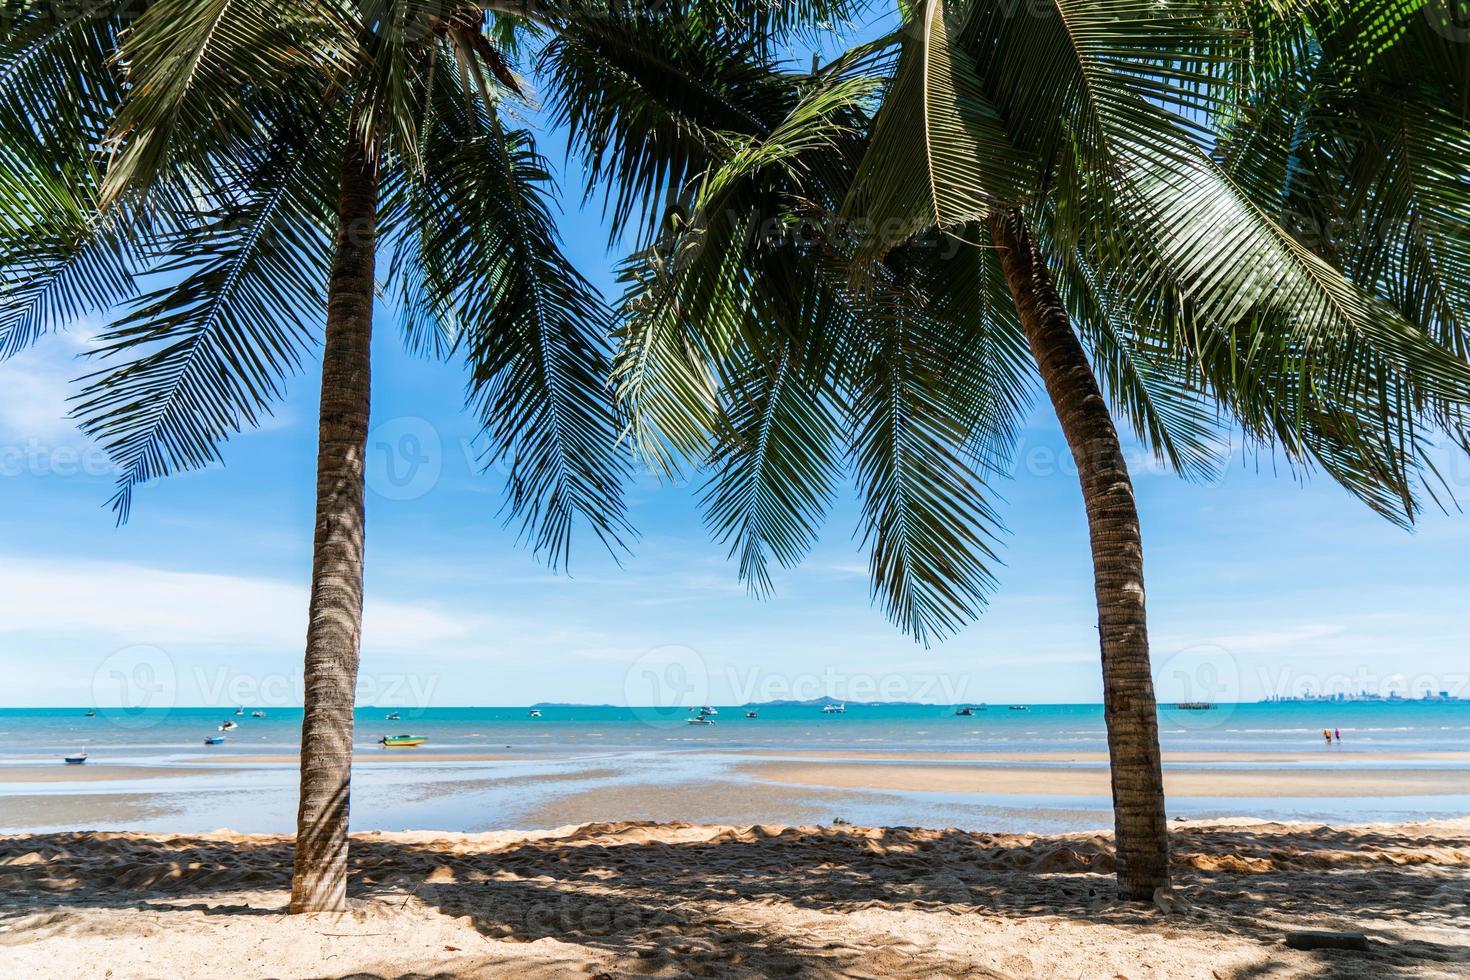 kokospalm en landschapsstrand met blauwe lucht voor zomervakantie foto